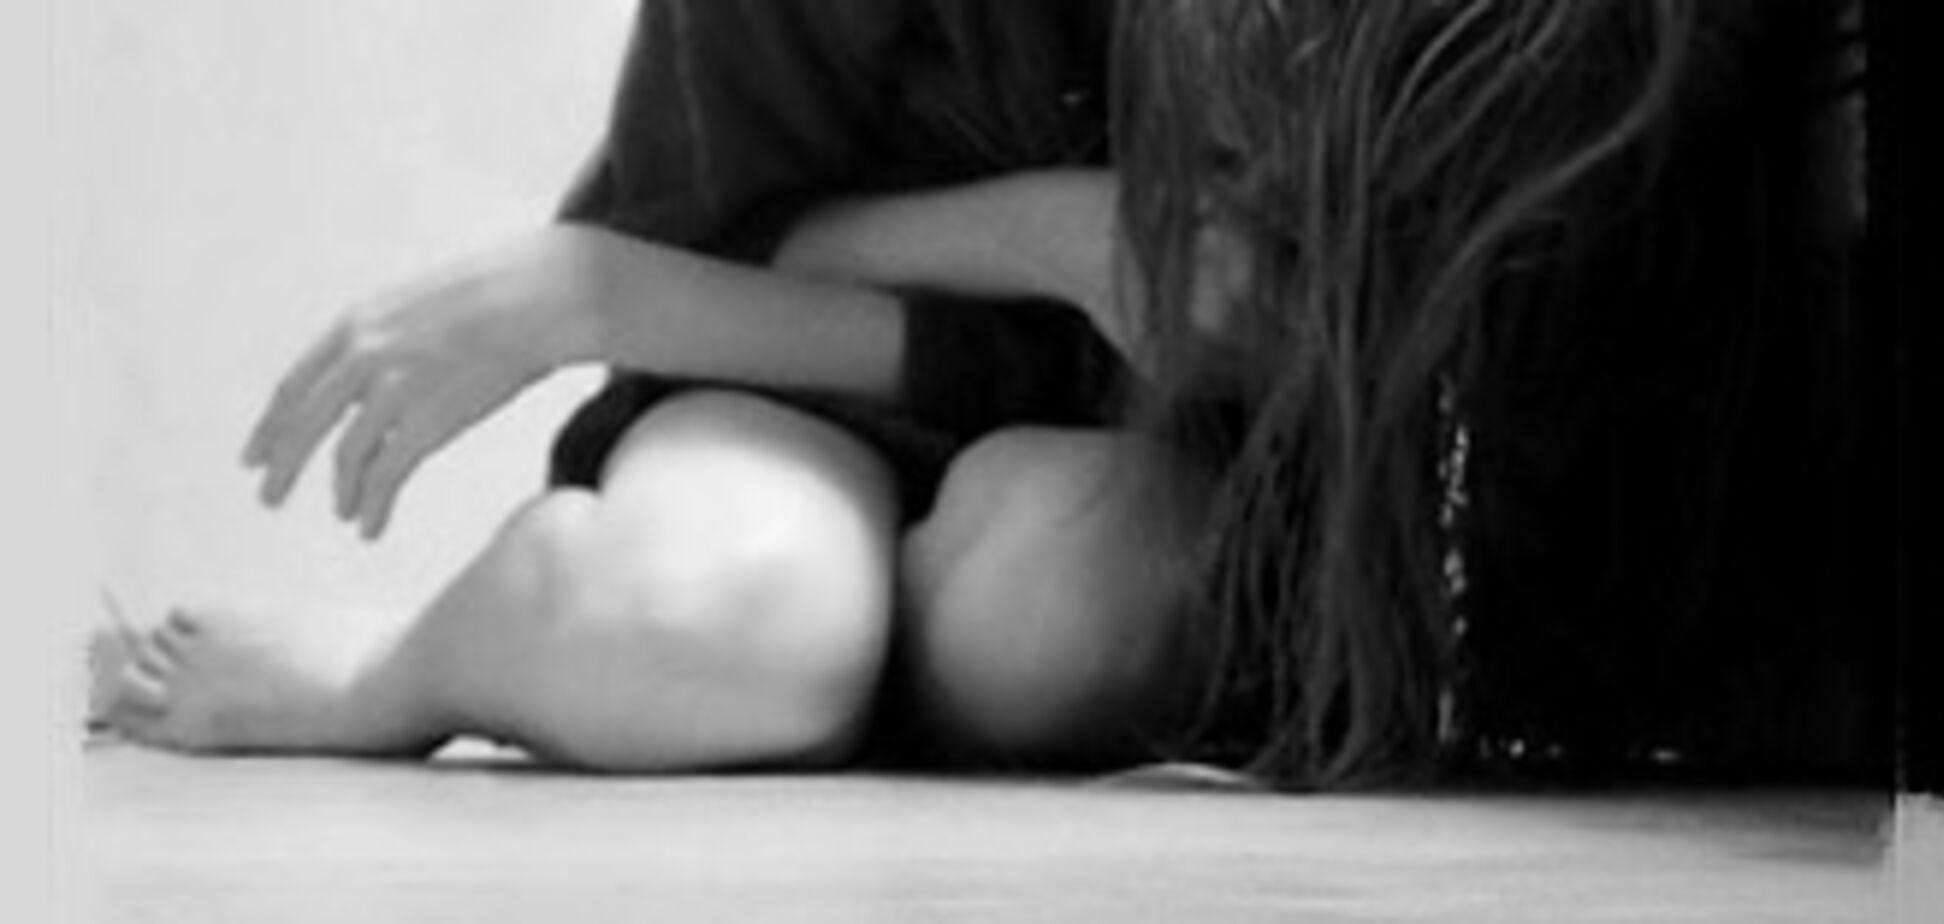 Тільки звільнившись з в'язниці хлопець згвалтував дівчинку